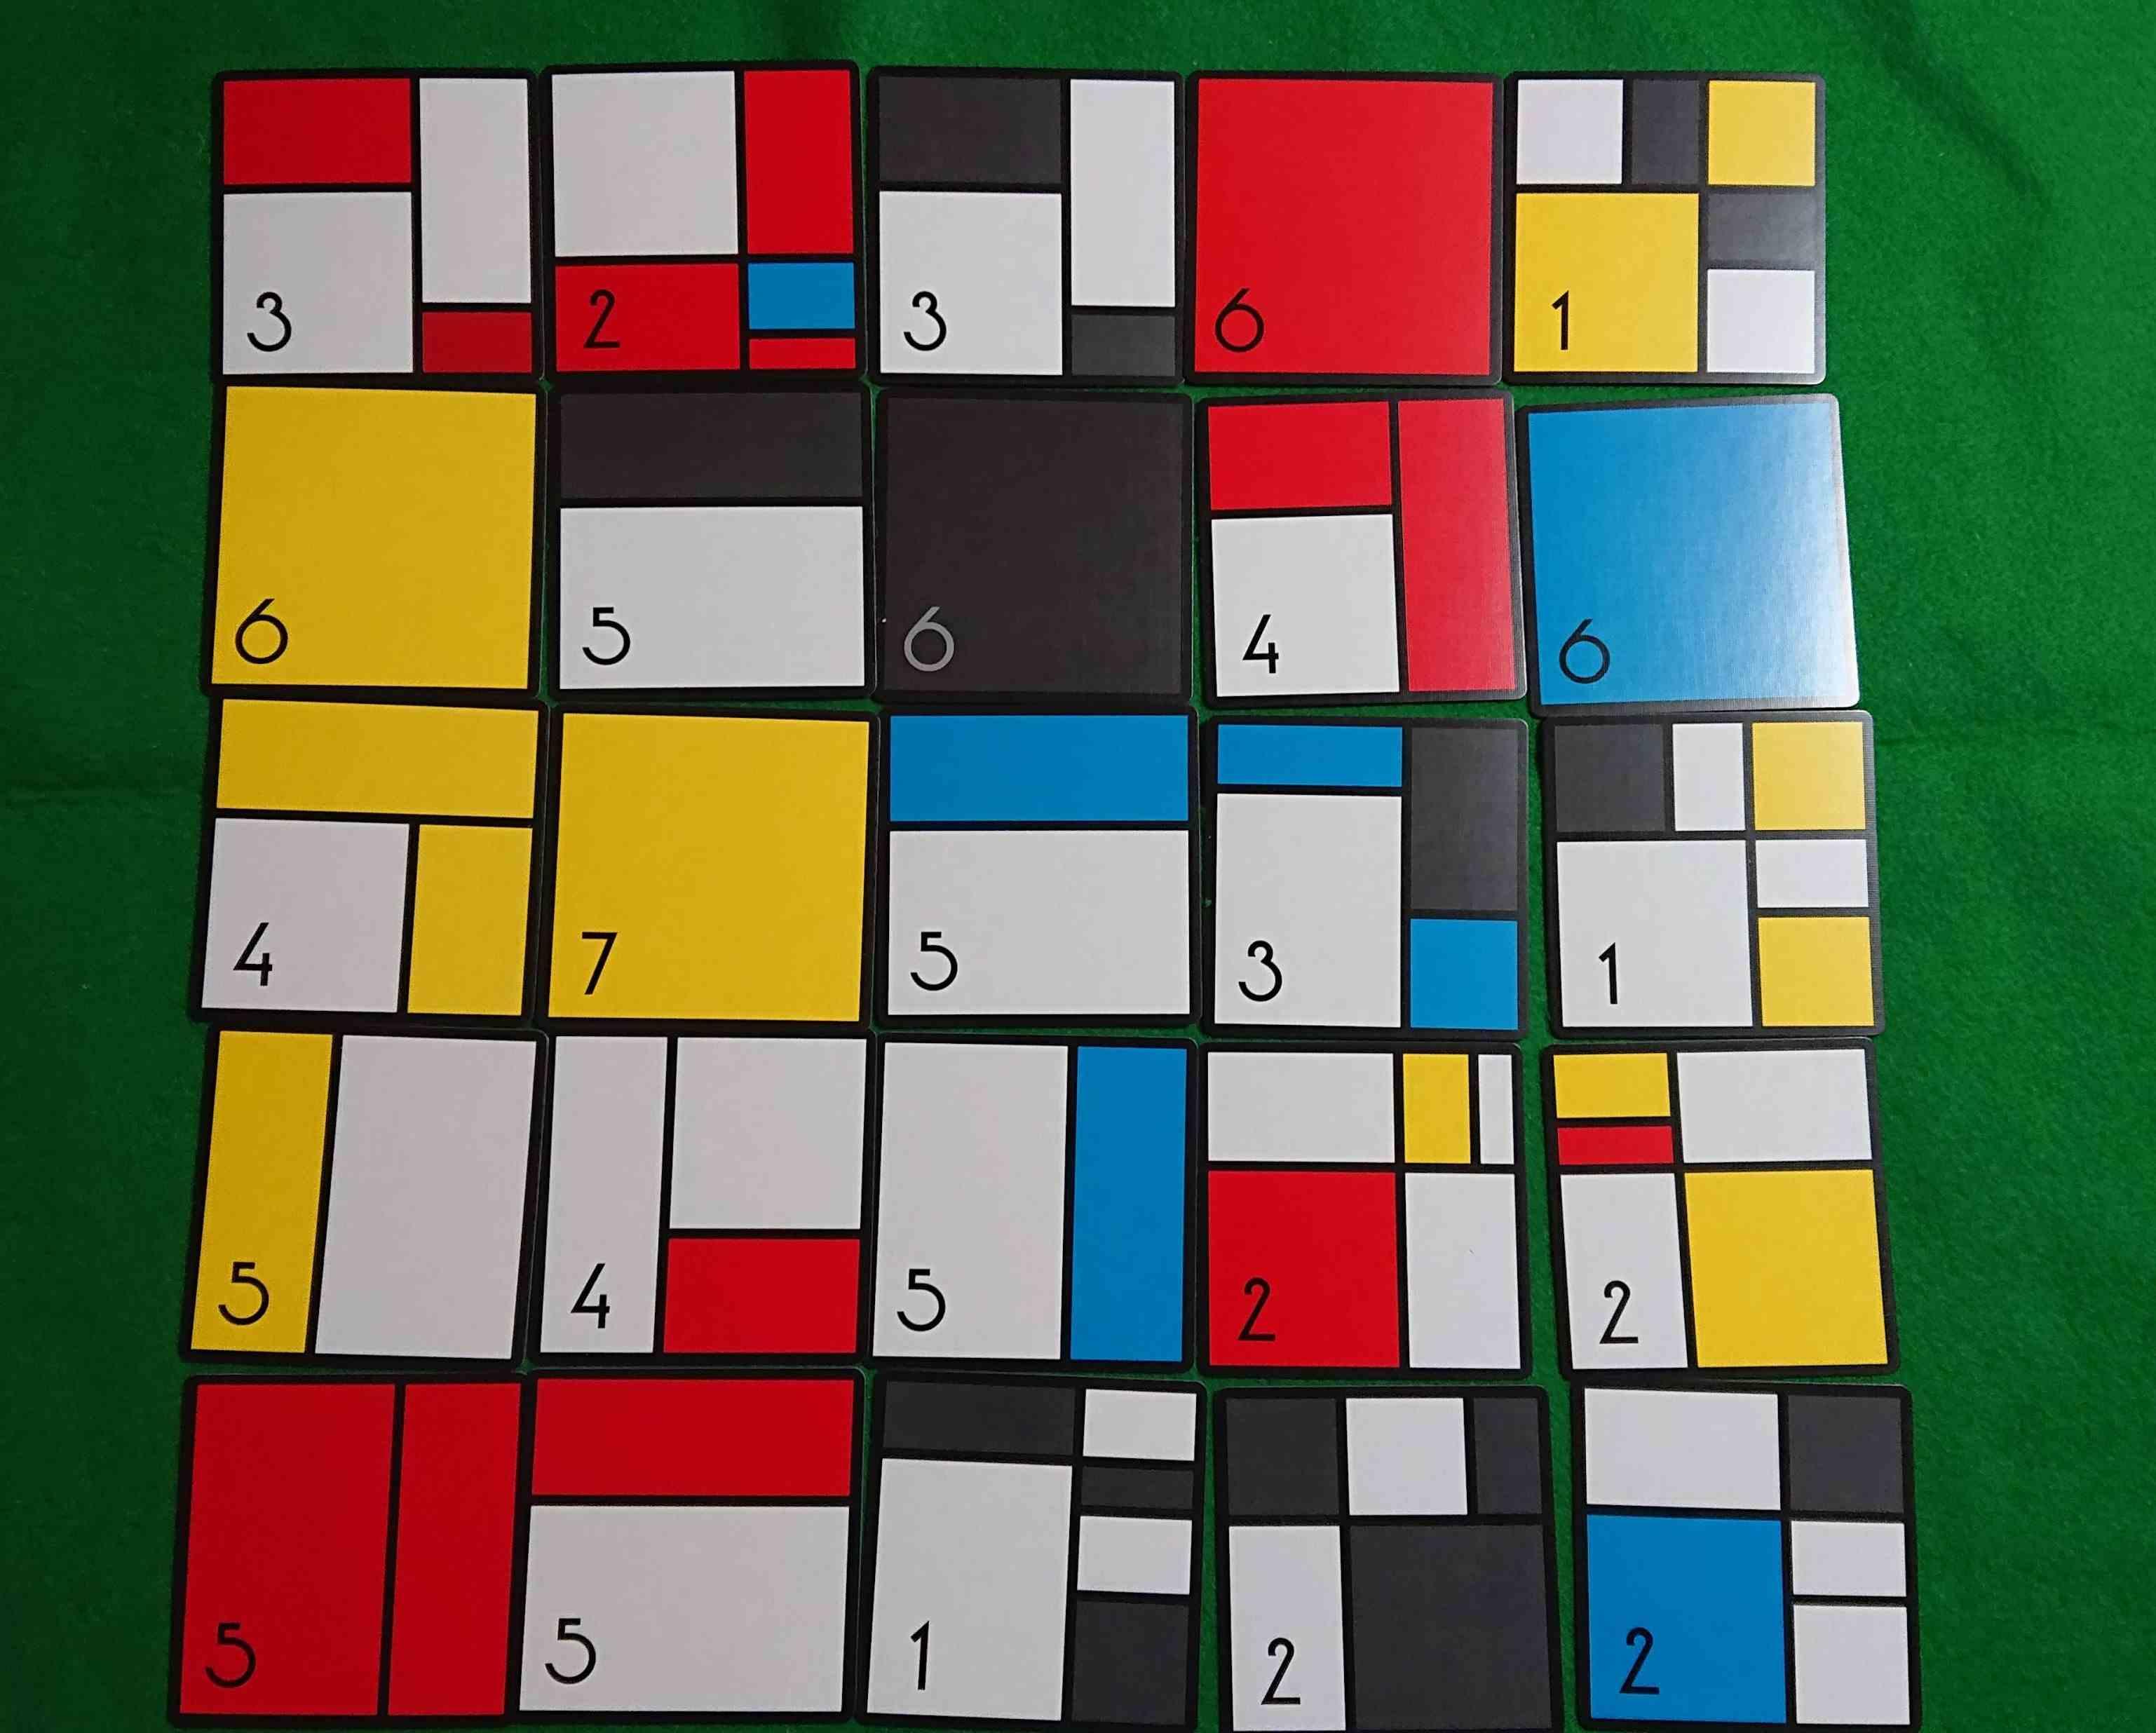 モンドリアンダイスゲーム ダイスを振って芸術作品を作ろう! ボードゲーム